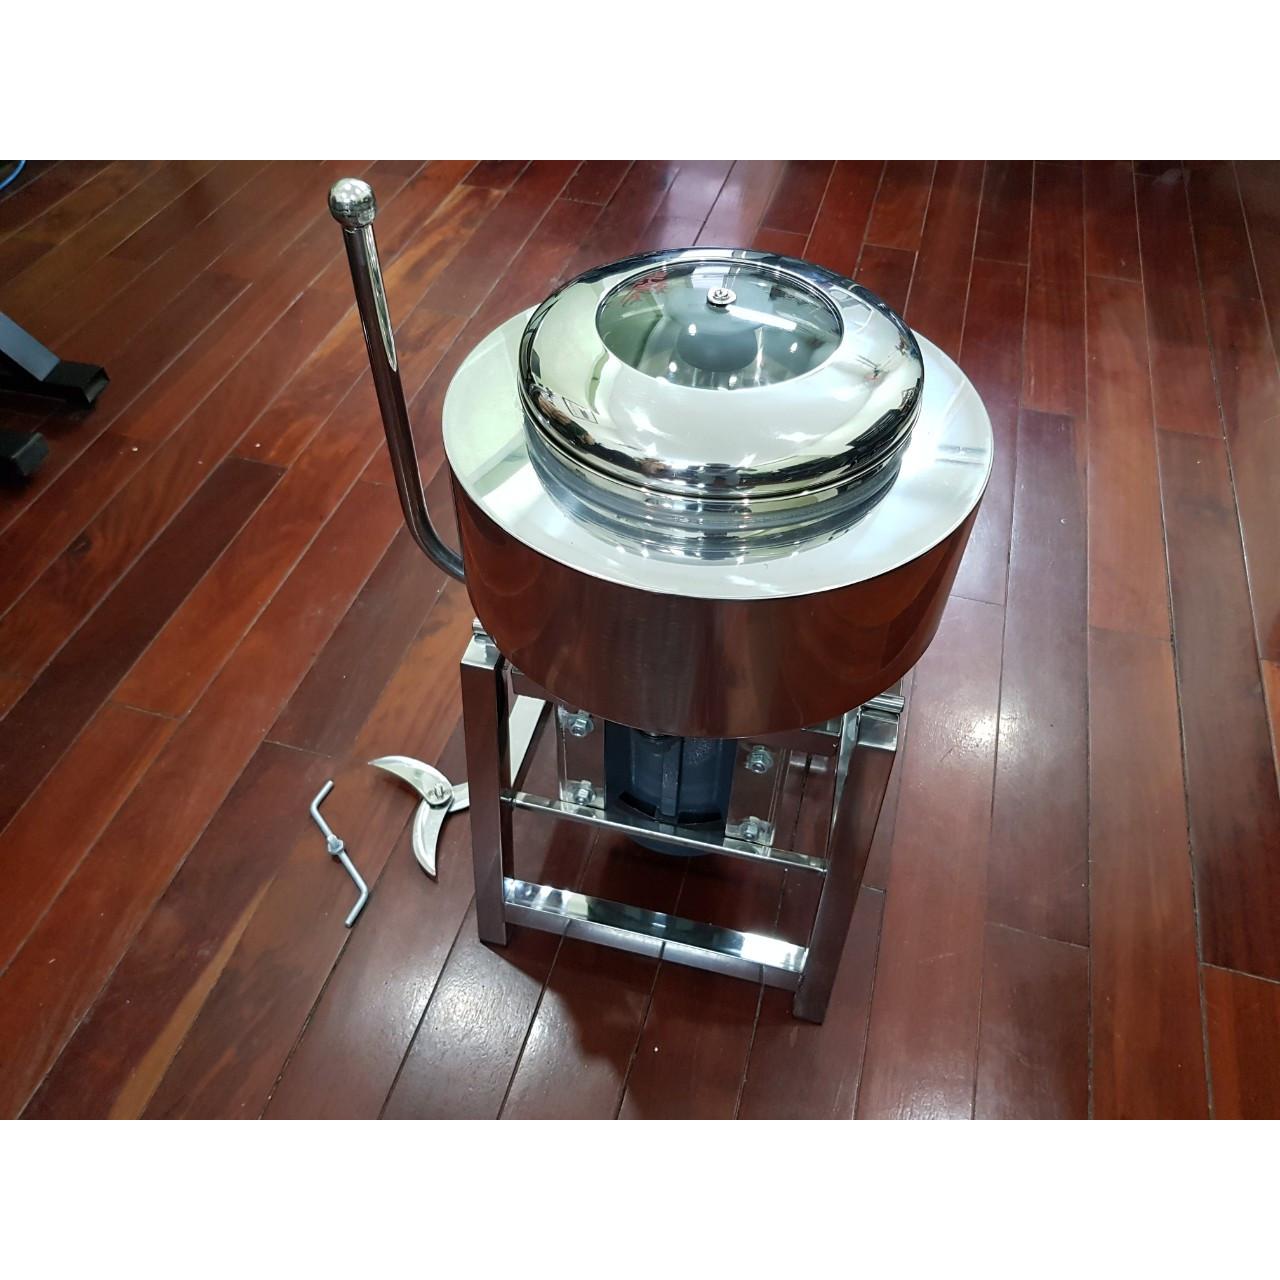 Máy xay thịt làm giò khung hộp inox 1.1kW - nồi 22cm - 2kg/lần có bao đá tản nhiệt